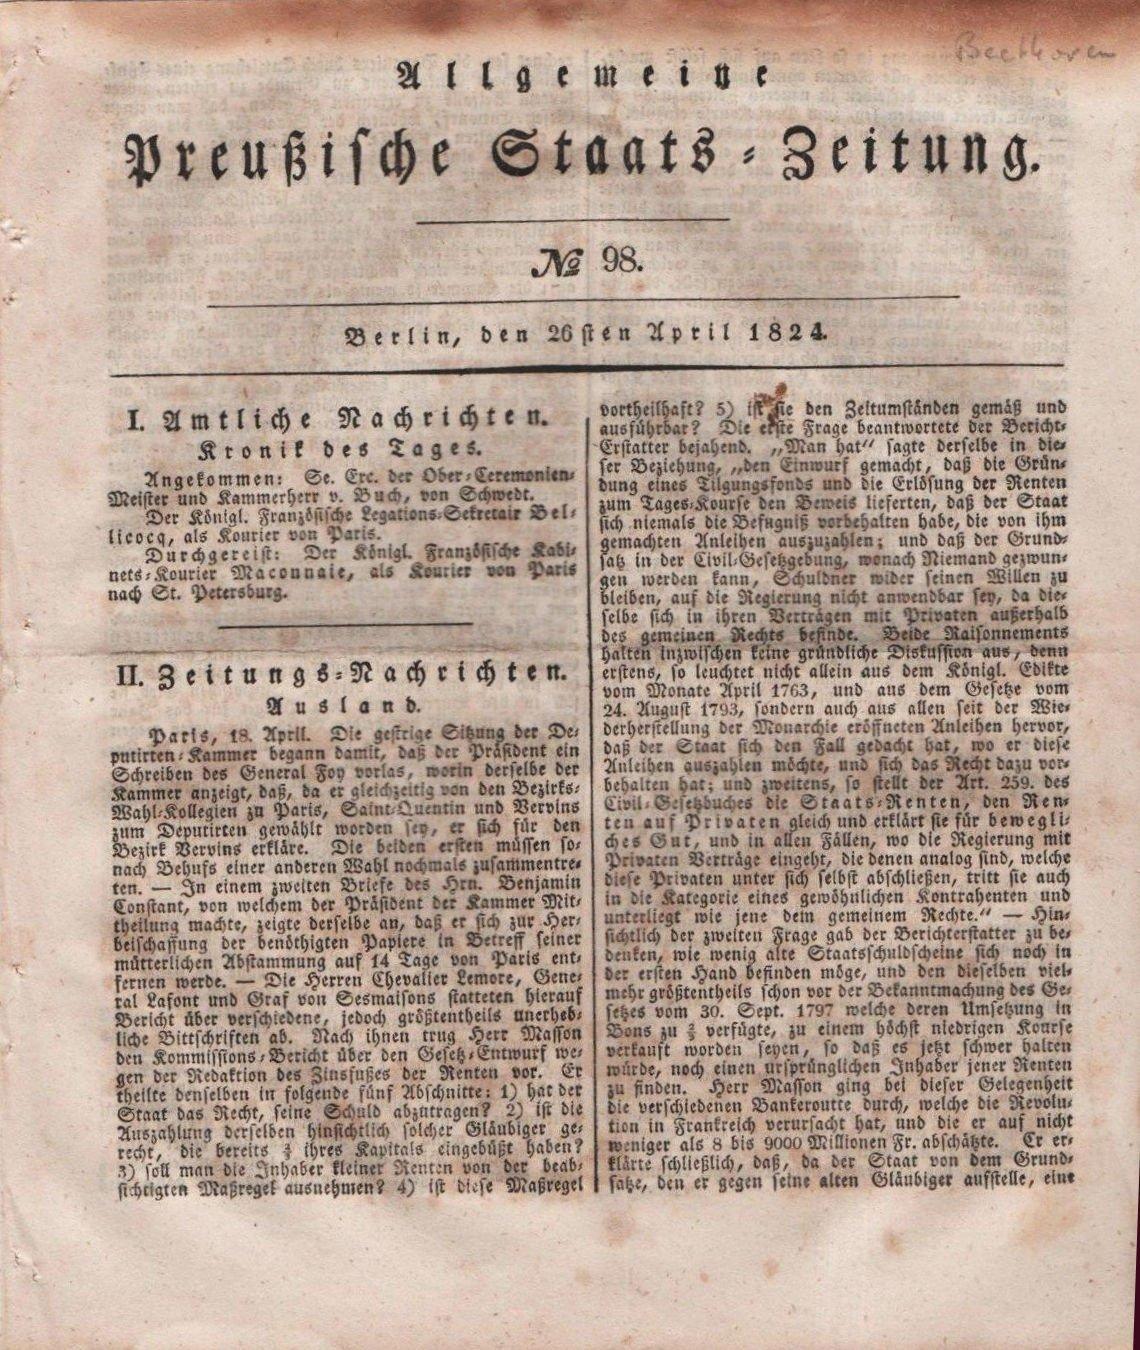 Preussische Staats Zeitung numero 98 del